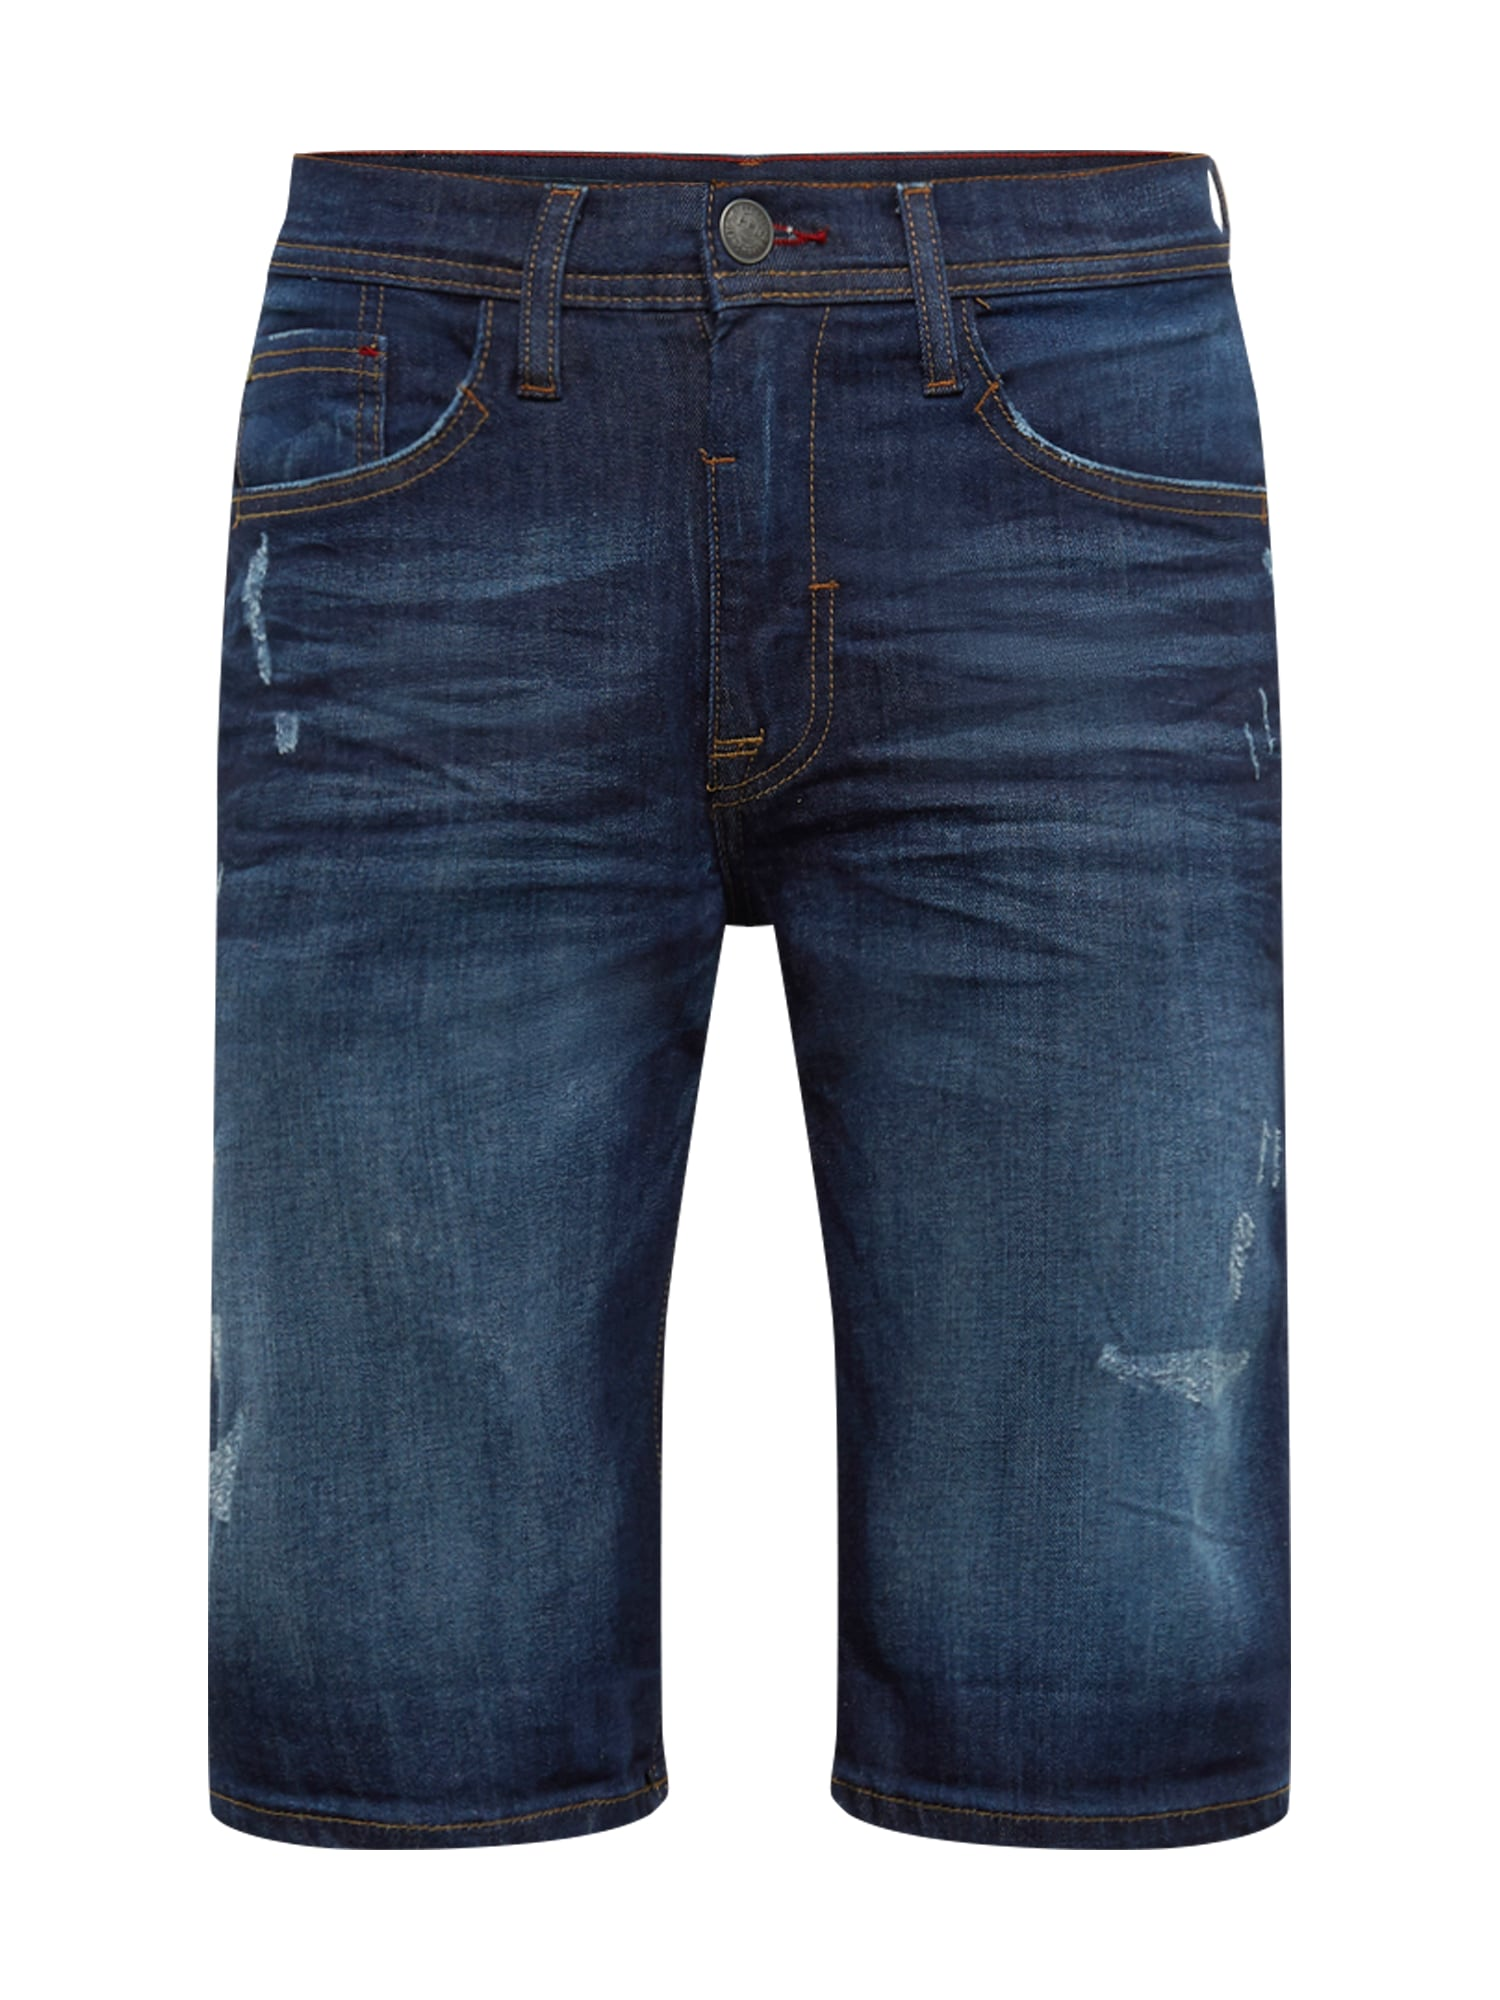 Džíny Denim Shorts Twister Slim modrá džínovina BLEND